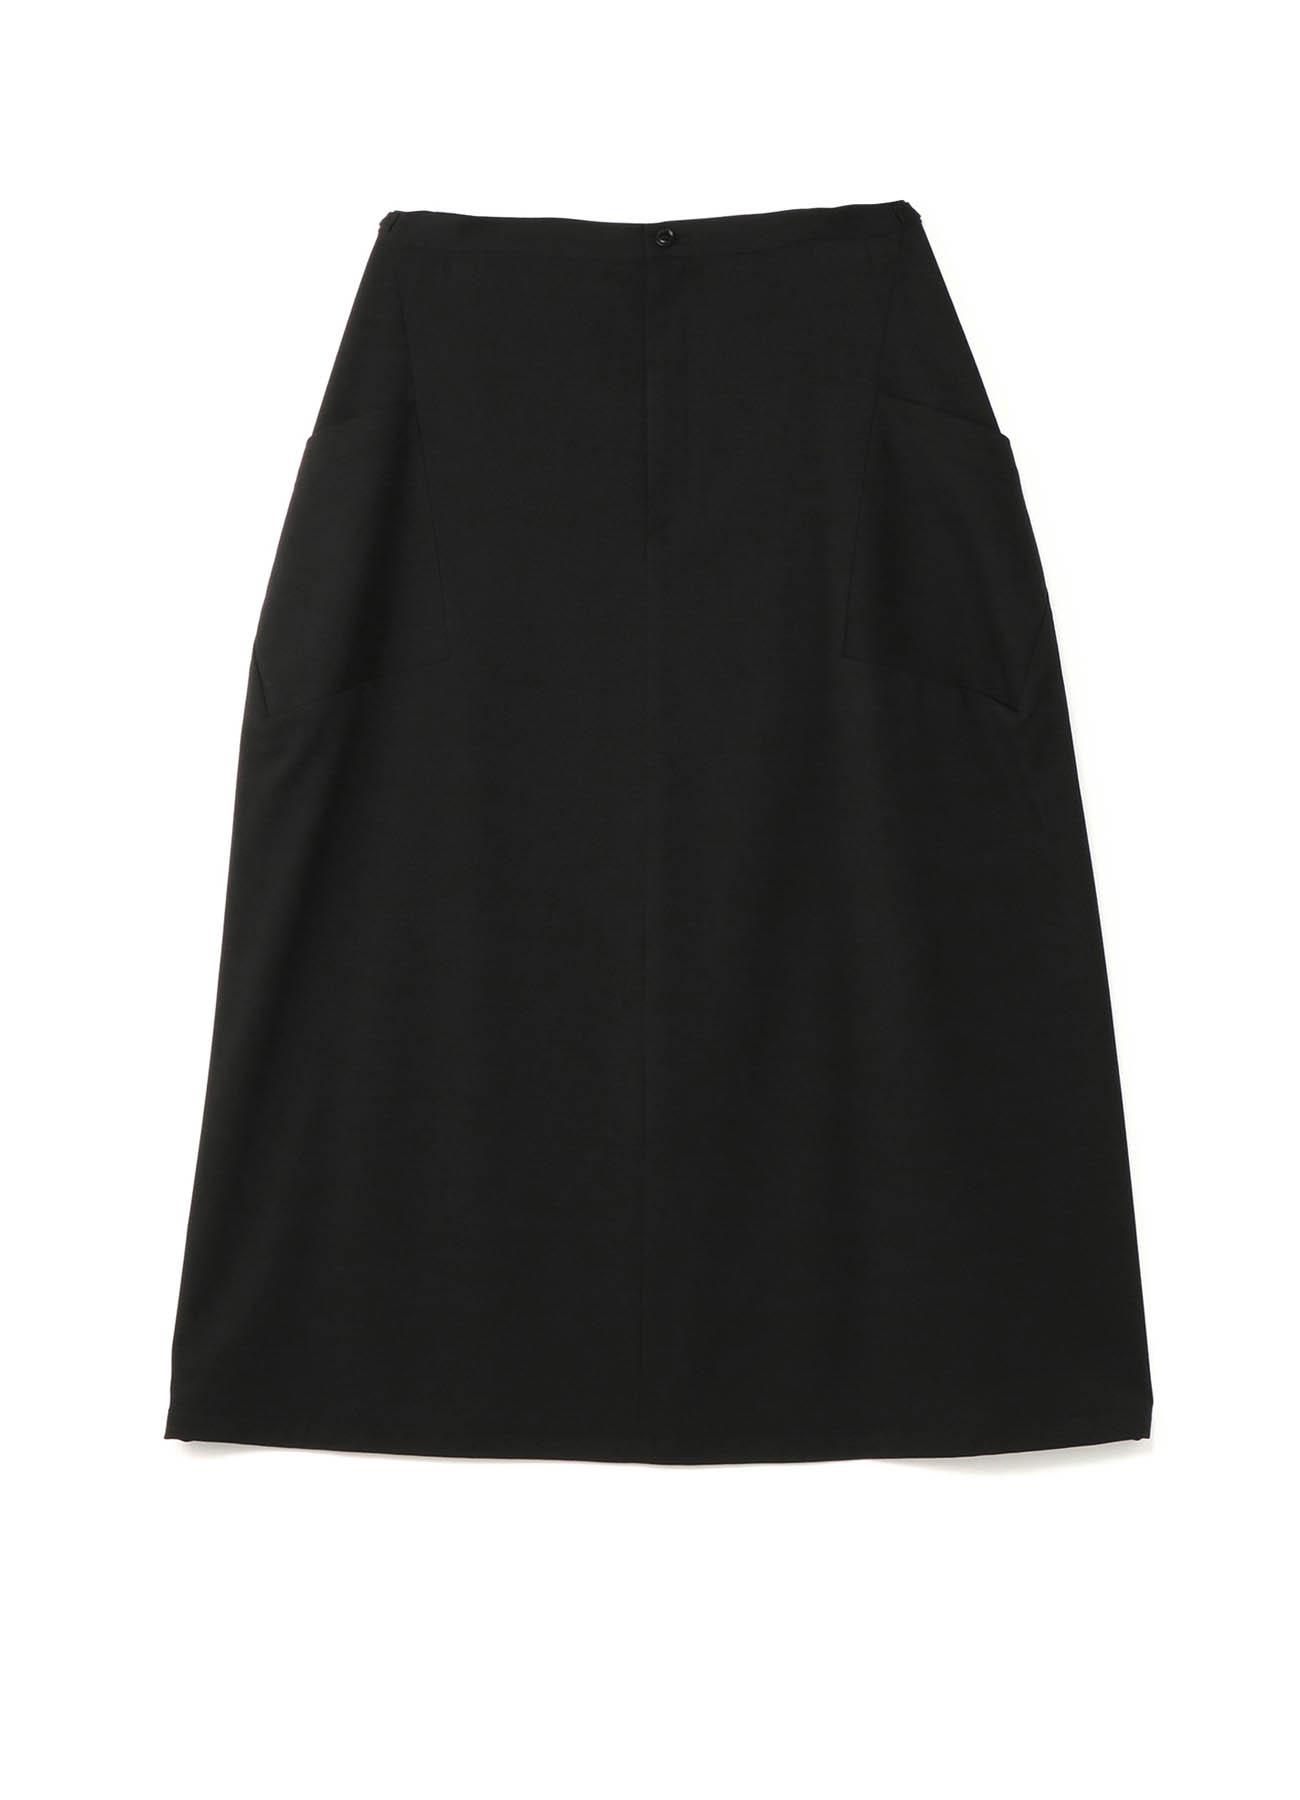 ギャバジンナナメ脇ポケットスカート